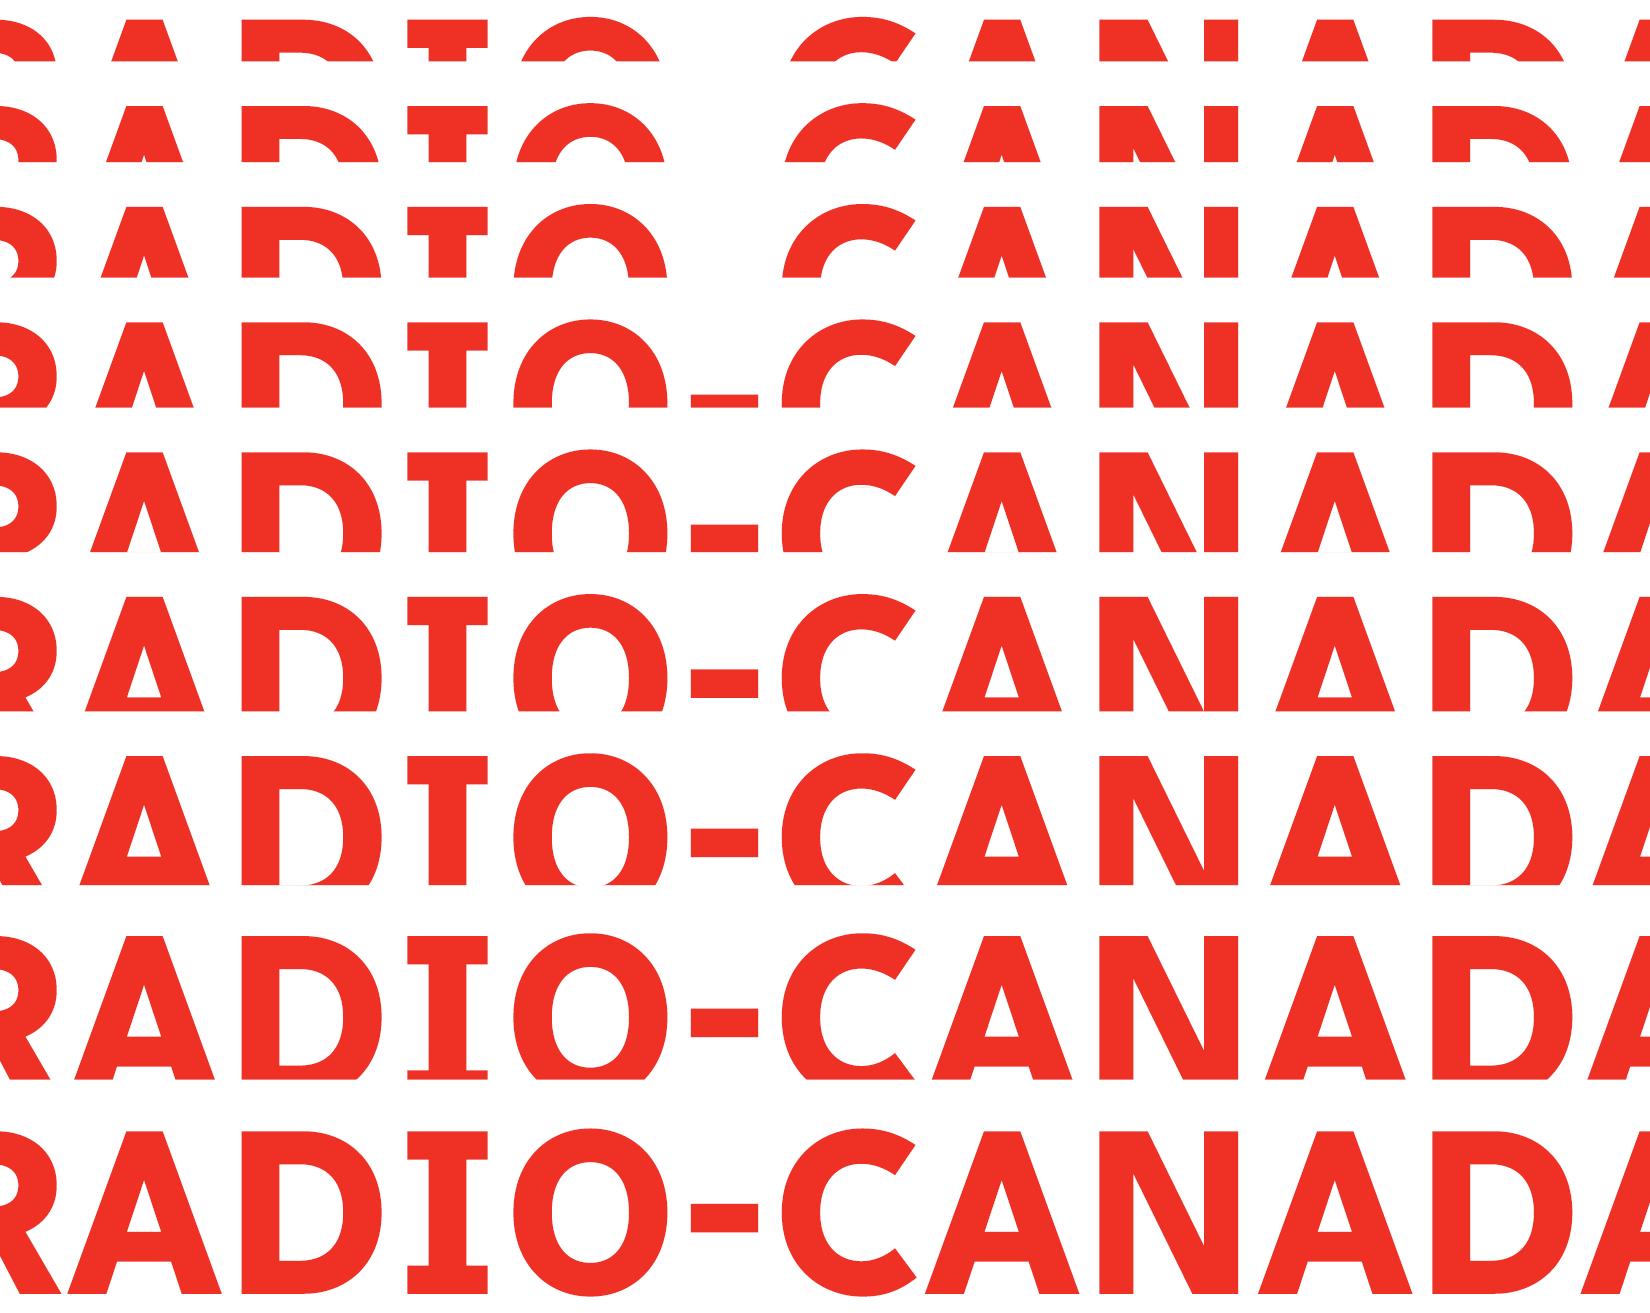 Radio-Canada_Specimen2.png